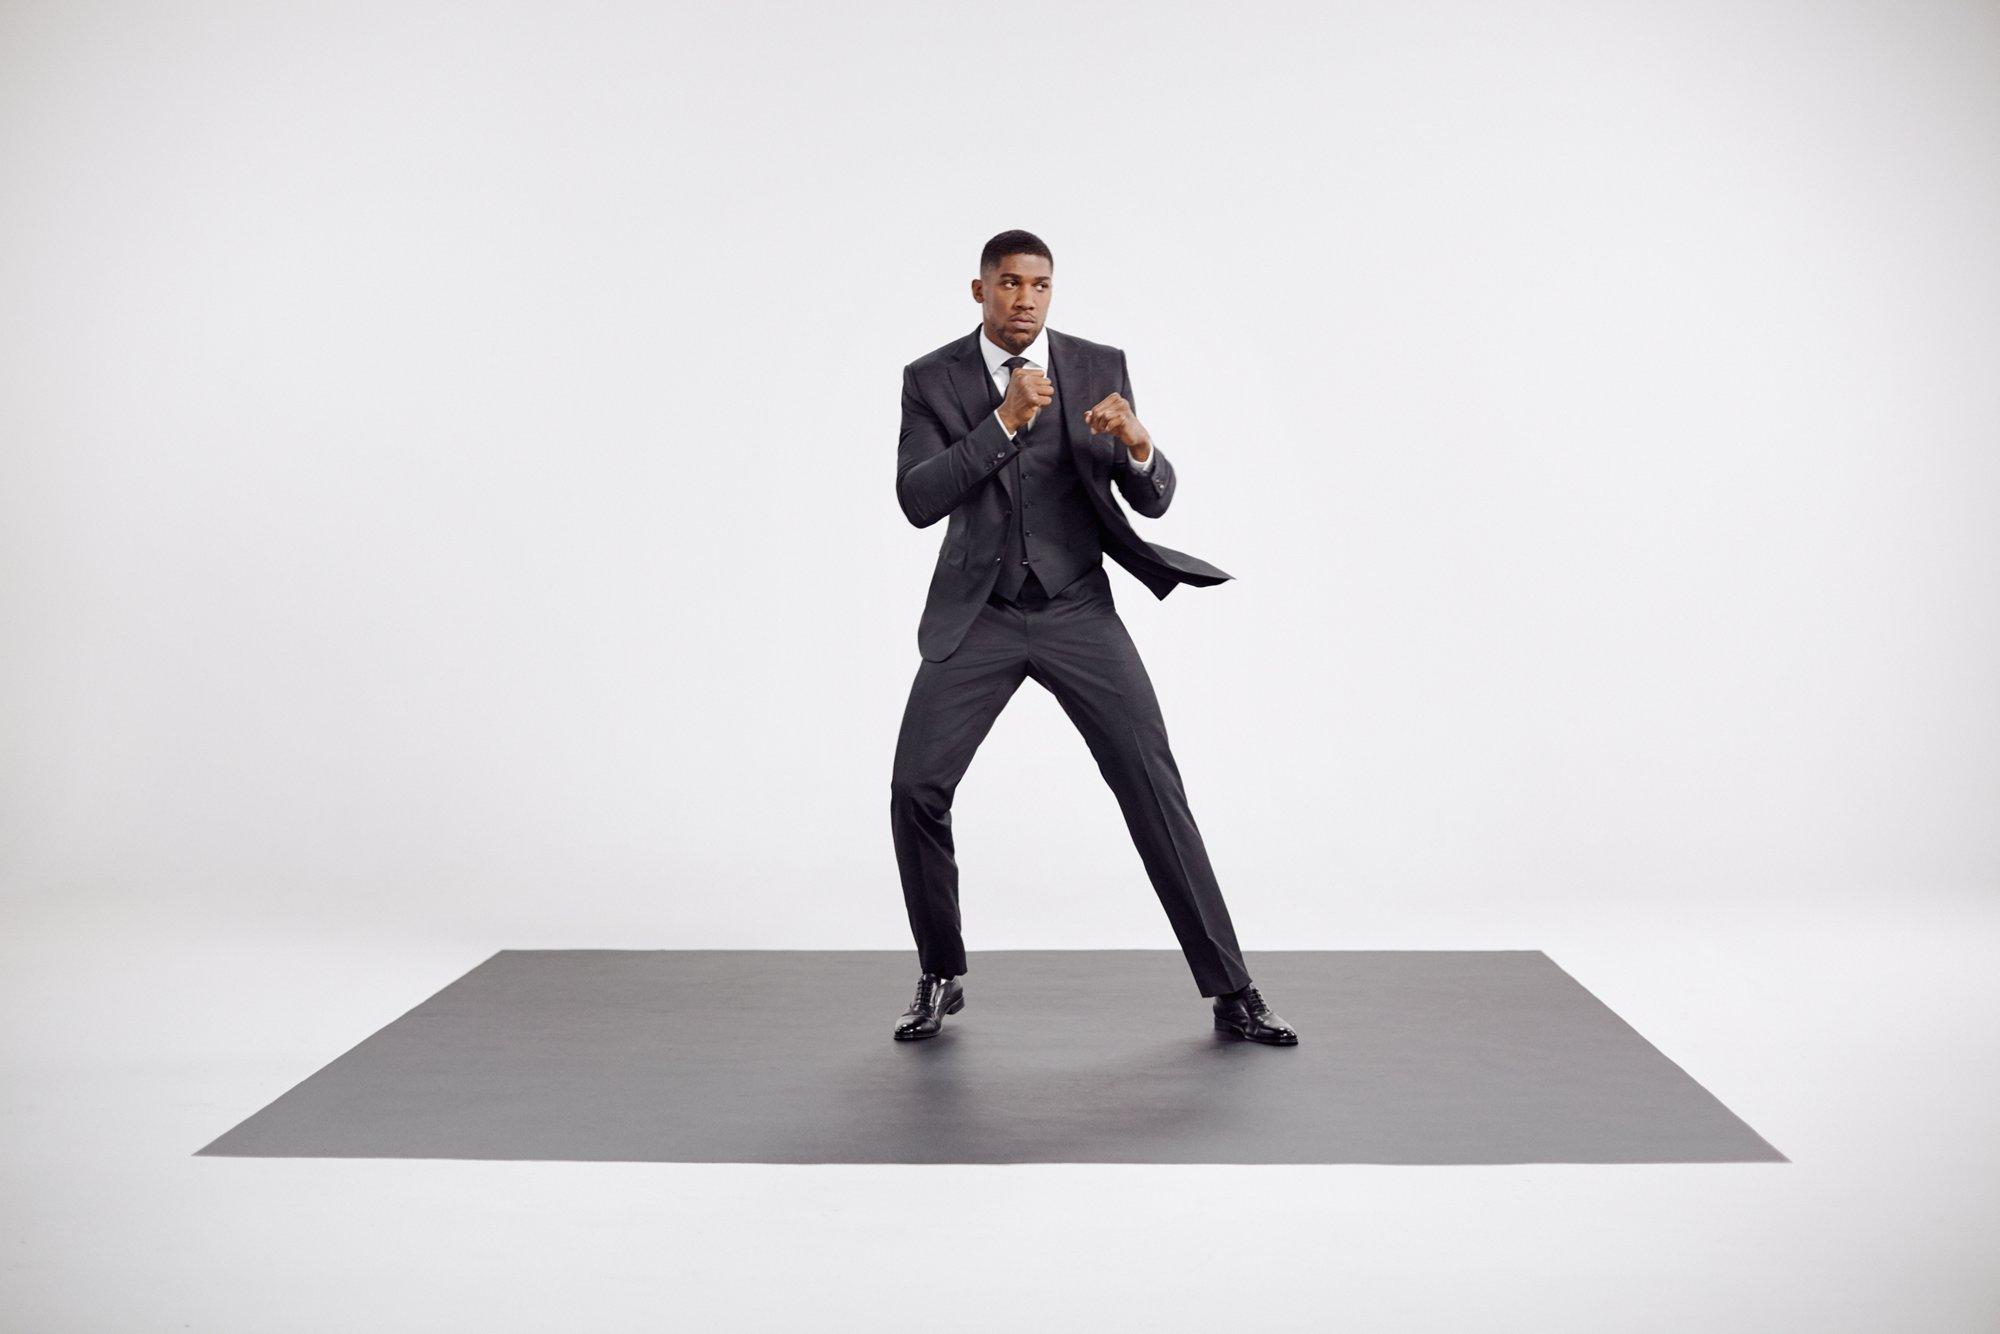 作为一位生活在聚光灯下的运动员,世界重量级拳击冠军选手Anthony Joshua深知如何在确保穿着舒适性的前提下拥有一身无懈可击的穿着。他将为我们展示兼具便于行动的延展度与严密贴合身材的剪裁工艺相结合的时尚型格